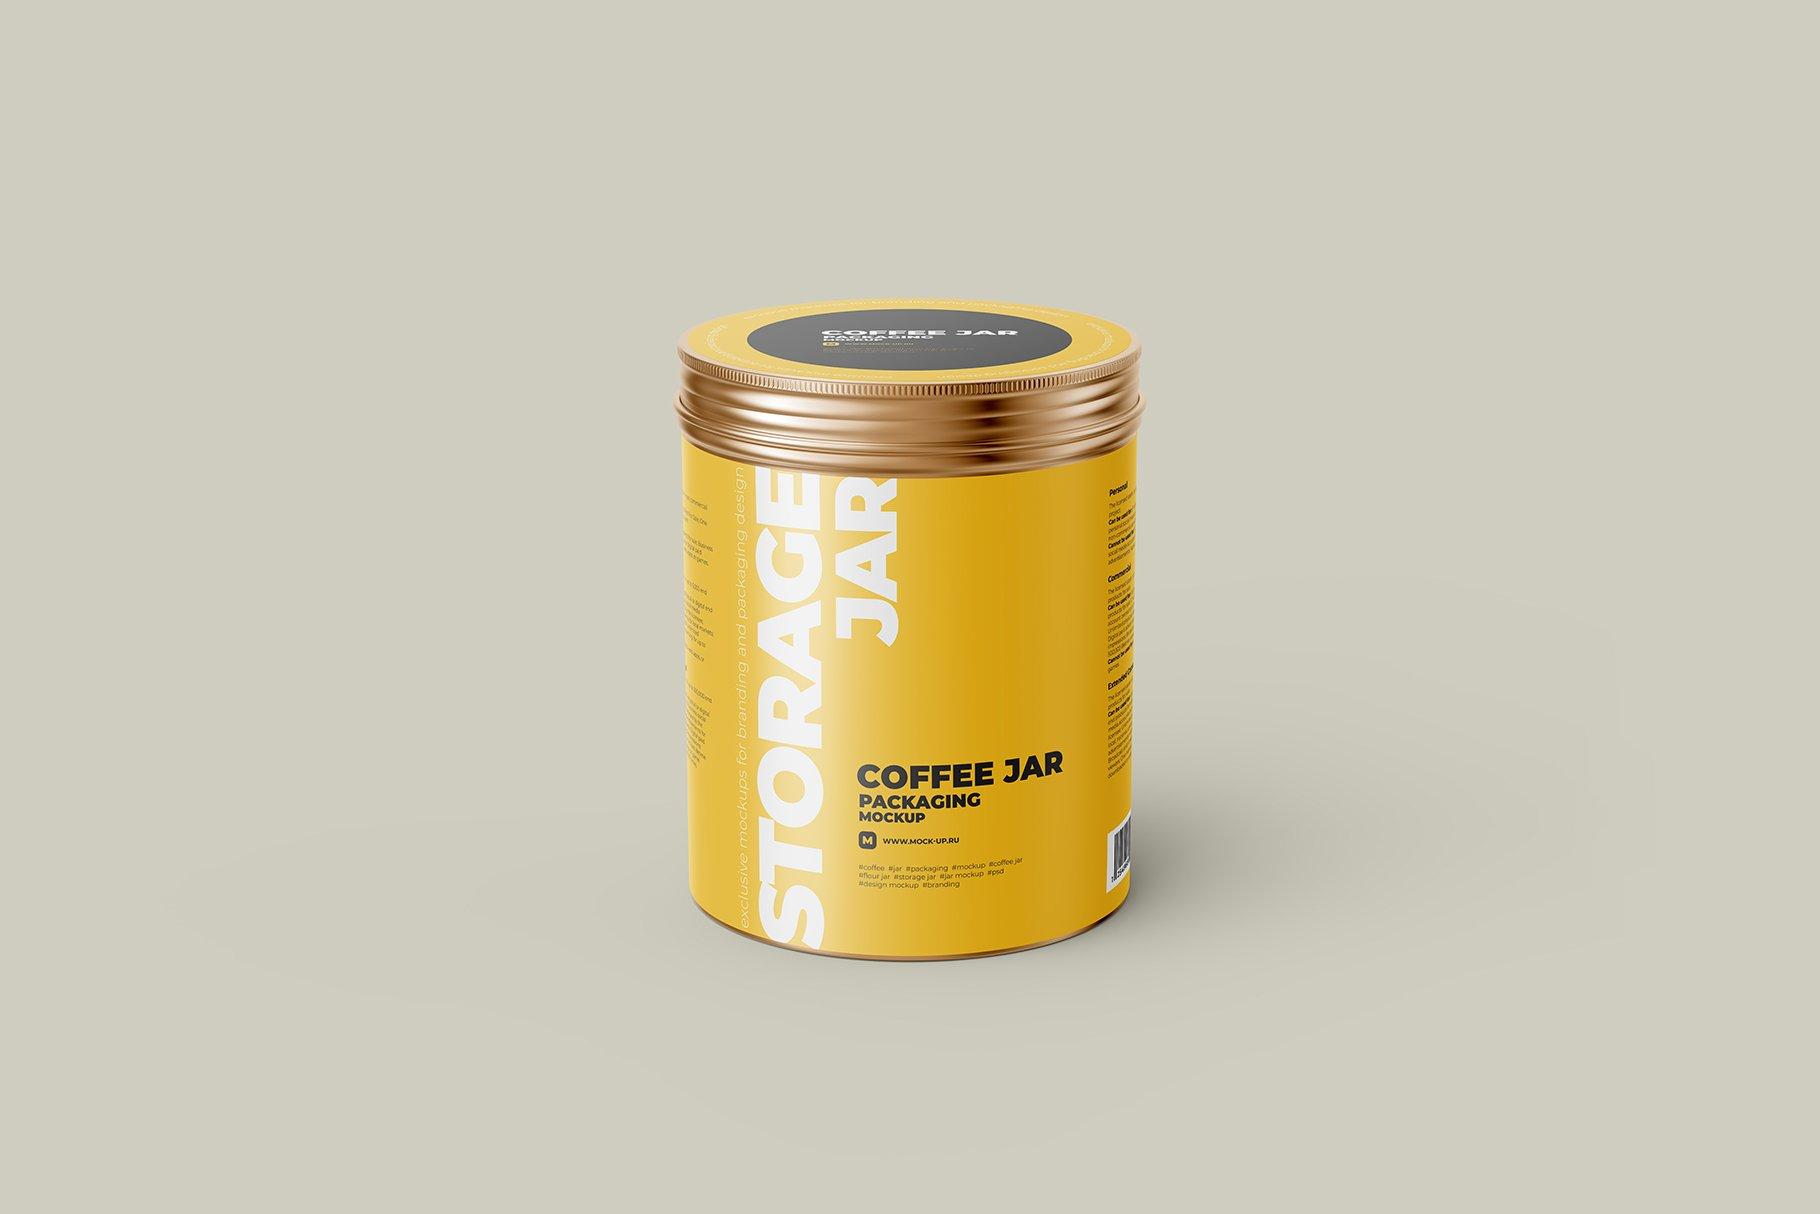 食品茶叶金属锡罐设计展示贴图样机模板 Metallic Storage Jar Angle View插图10